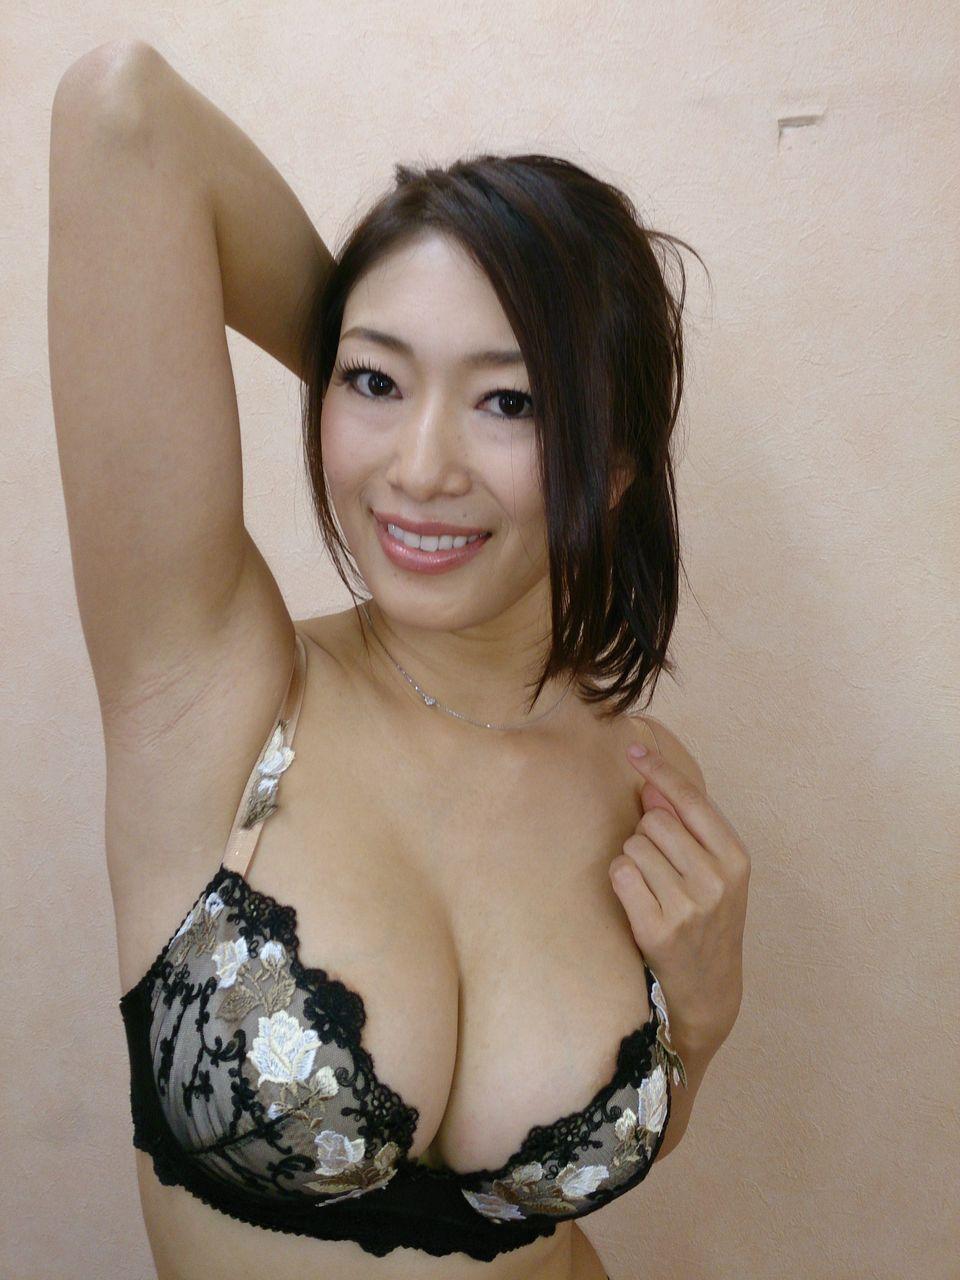 大当たりレベルの美熟女エロ画像25枚